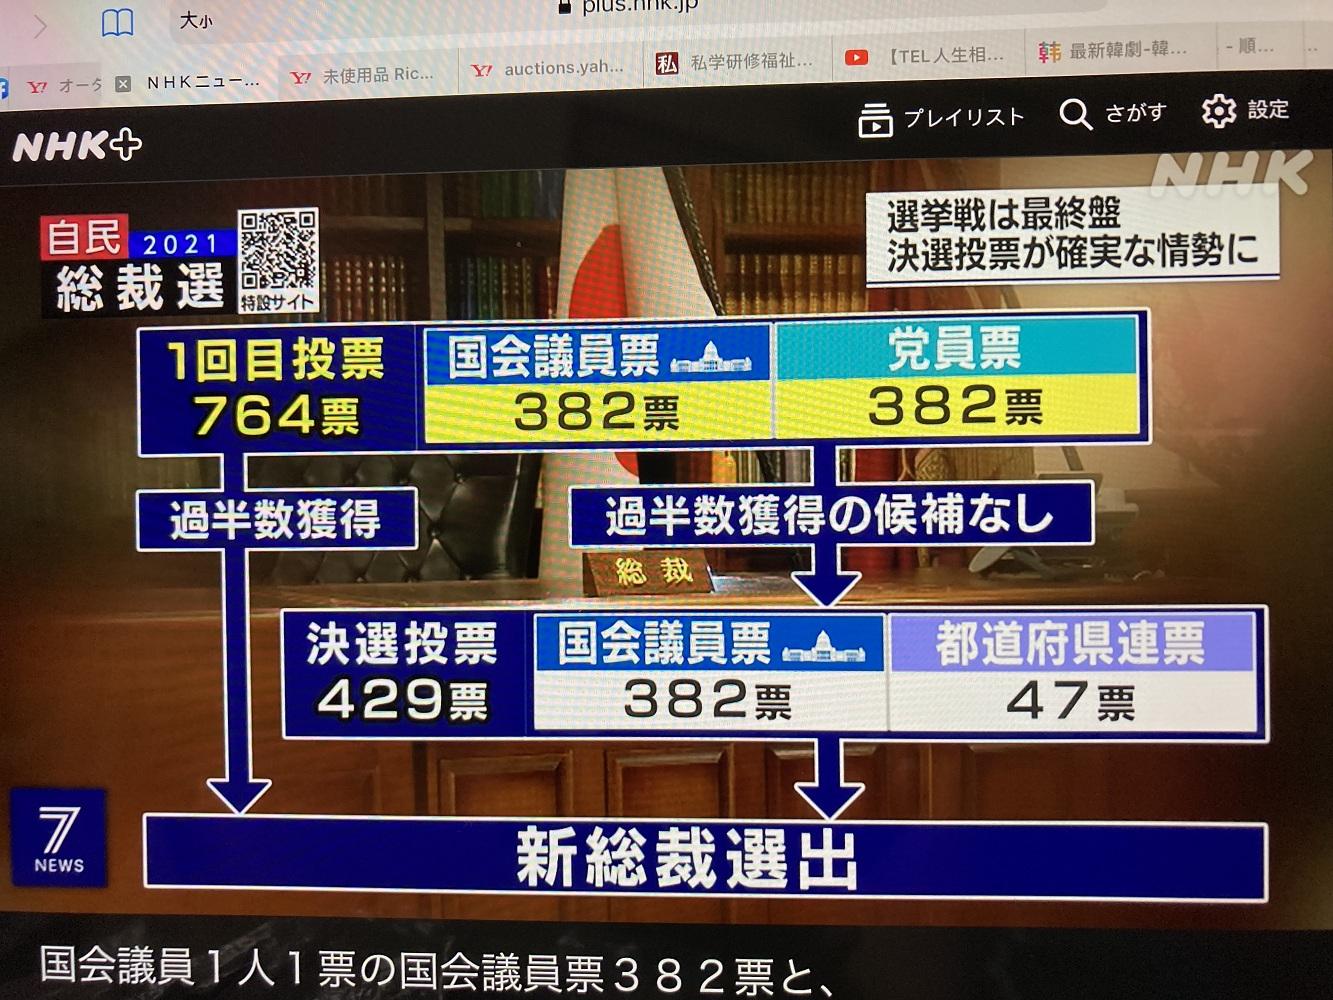 自民黨總裁29日選舉流程。 圖:攝自NHK